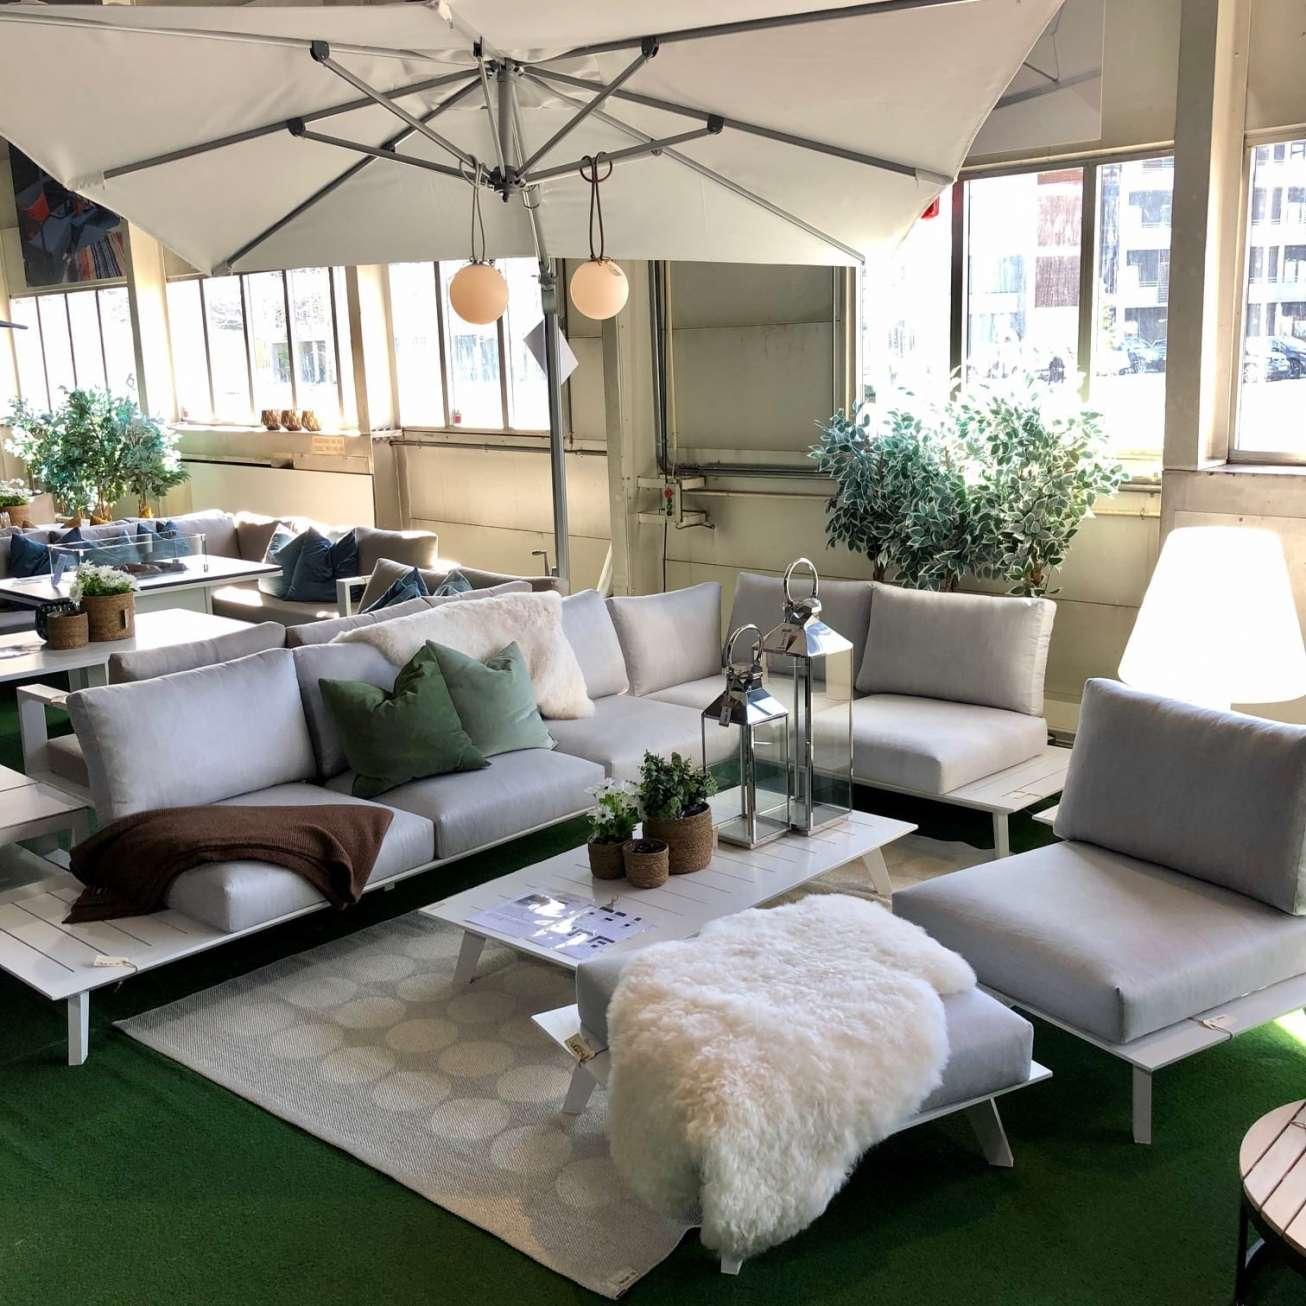 Img_7419 Hagemøbler og utemøbler - Fine design